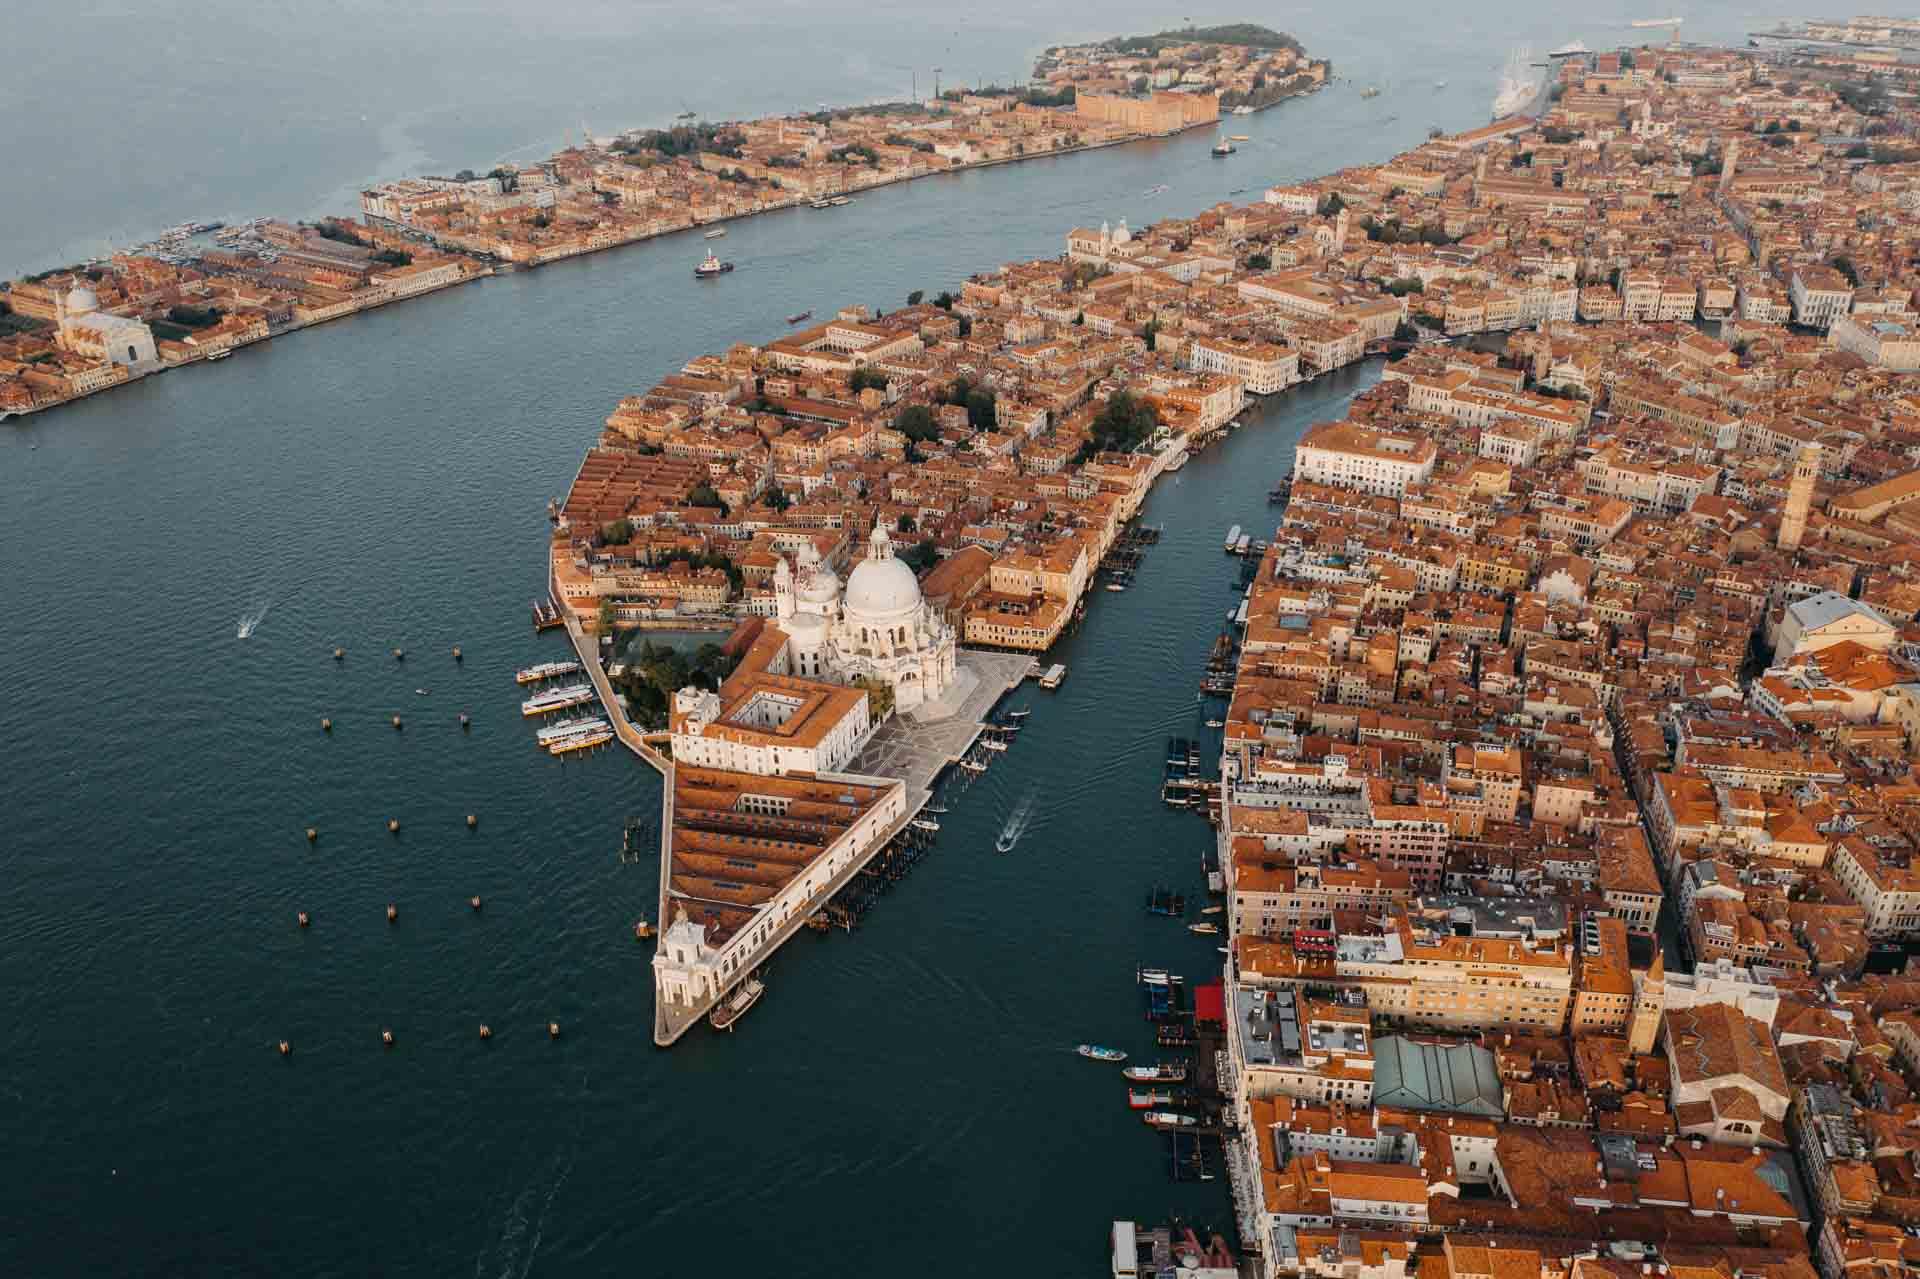 Die Häuser von Venedig aus der Luft.